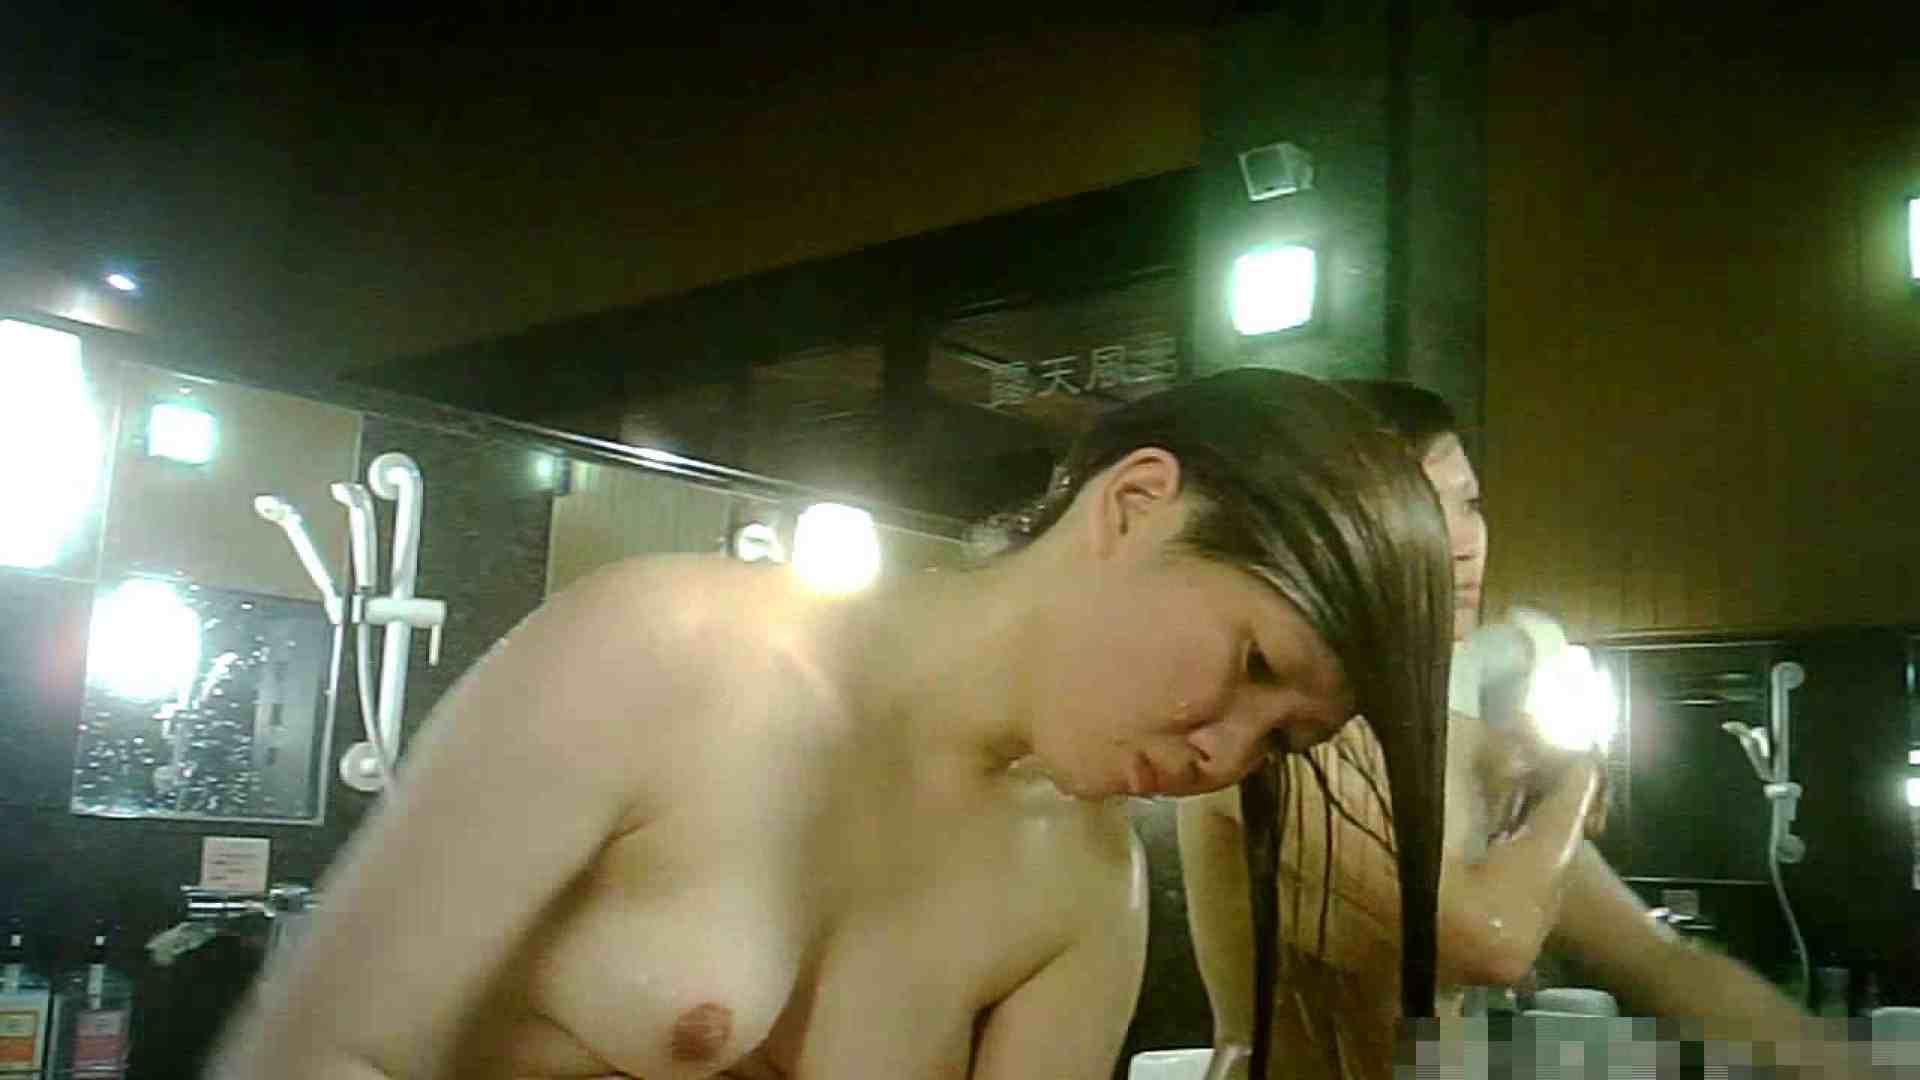 手を染めてしまった女性盗撮師の女風呂潜入記 vol.004 盗撮  95枚 69